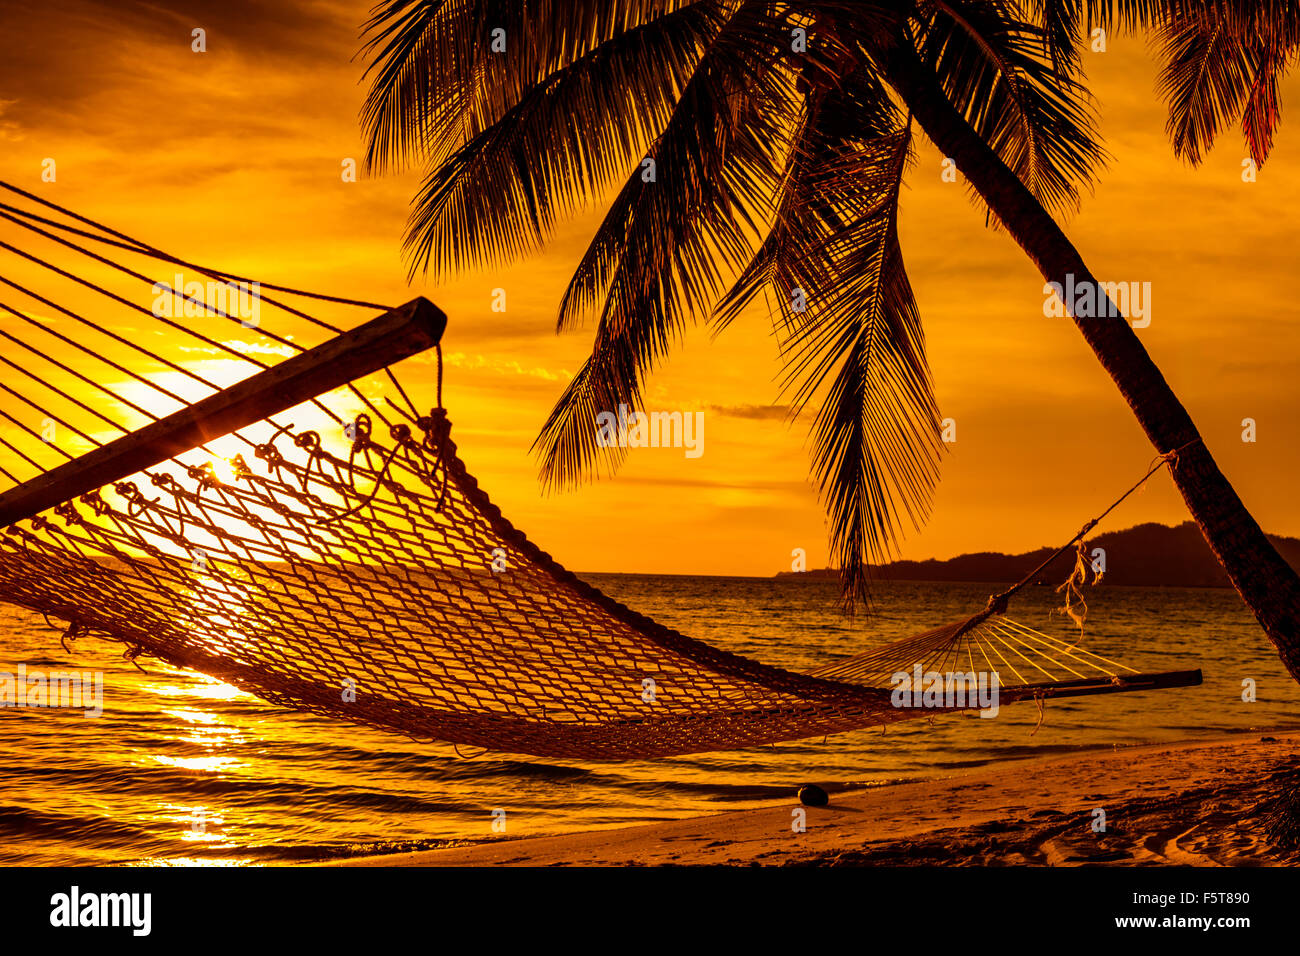 Silhouette der Hängematte und Palmen an einem tropischen Strand bei Sonnenuntergang Stockbild